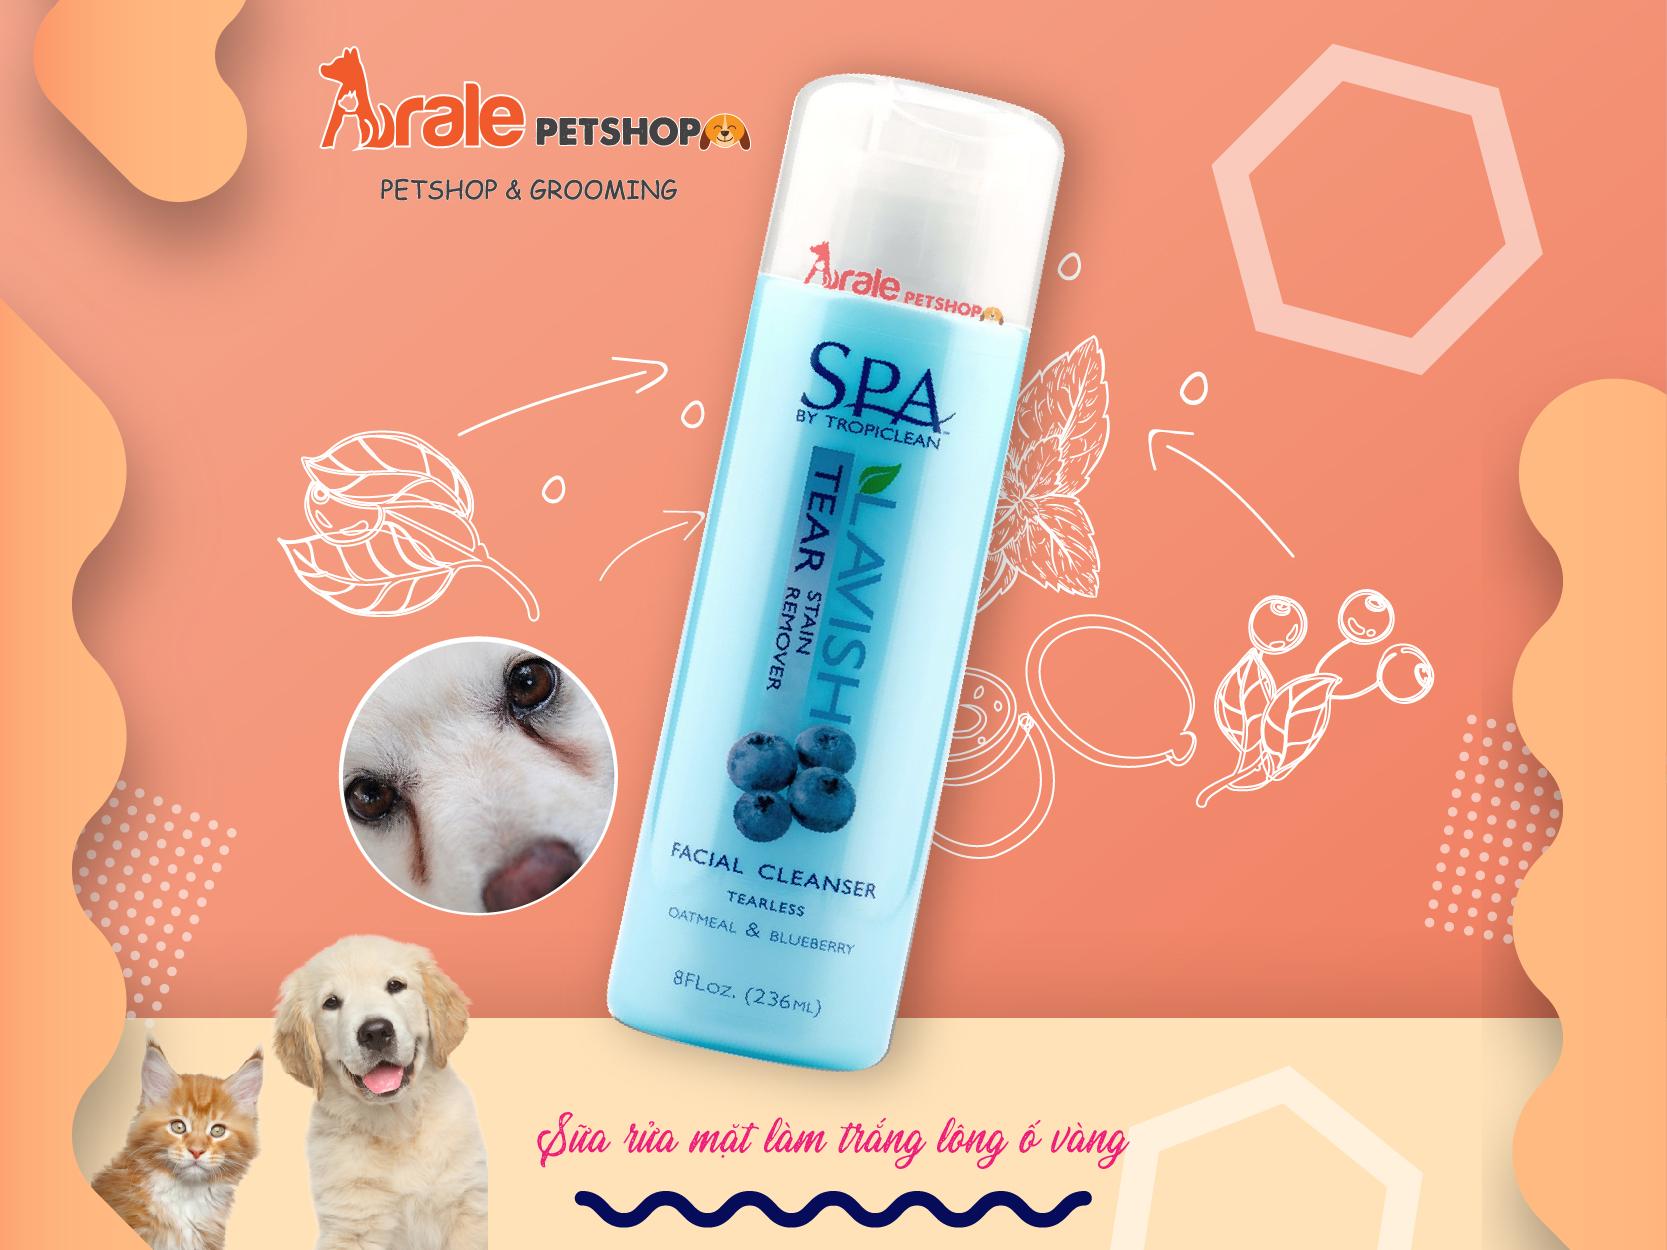 sửa rửa mặt trắng lông ố vàng cho chó mèo, an toàn với mắt